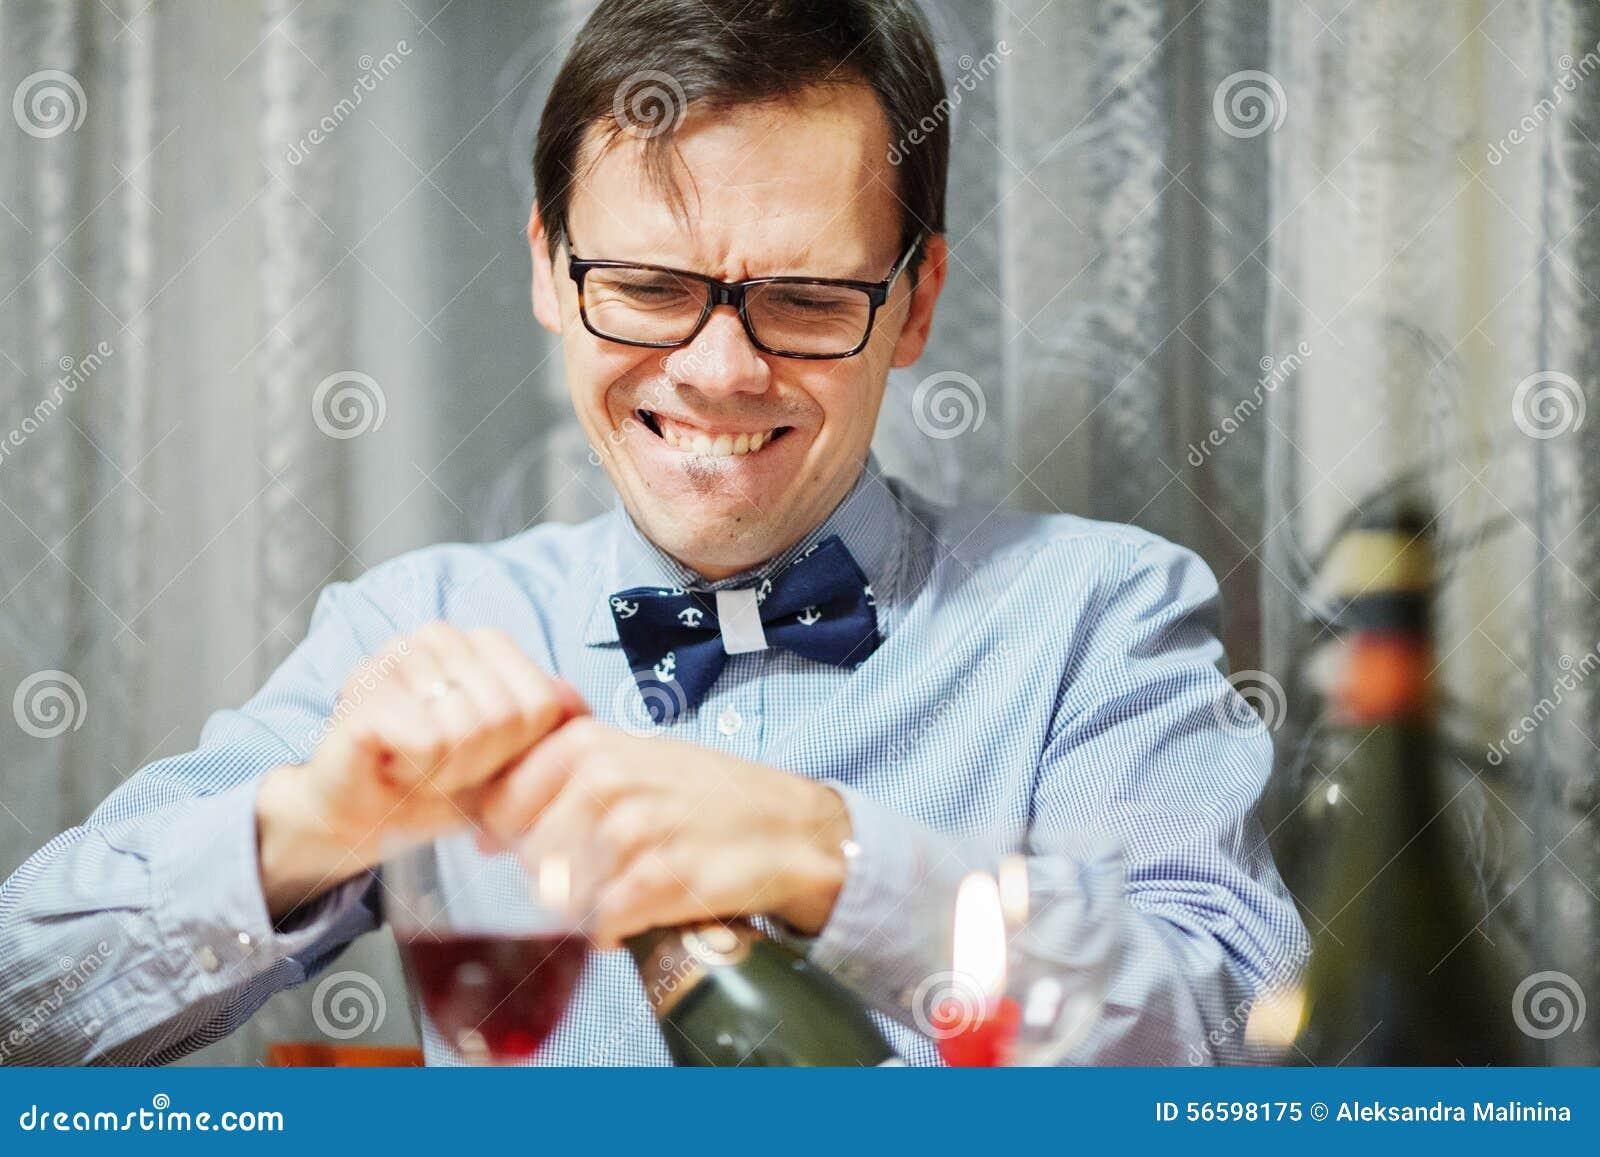 Man open the bottle